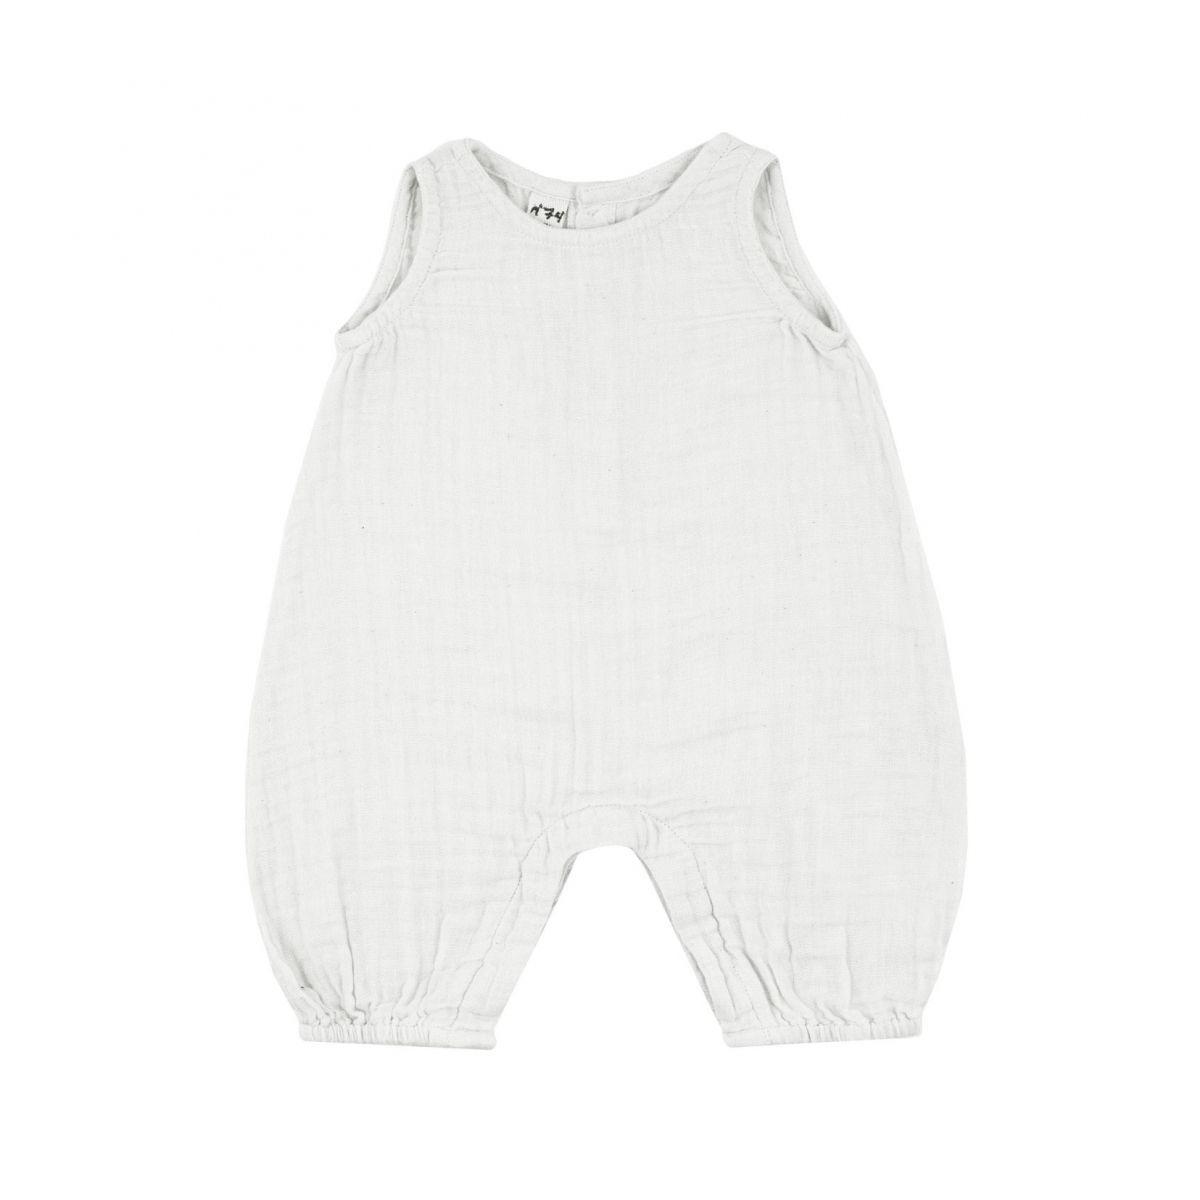 Numero 74 Baby Combi Stef white